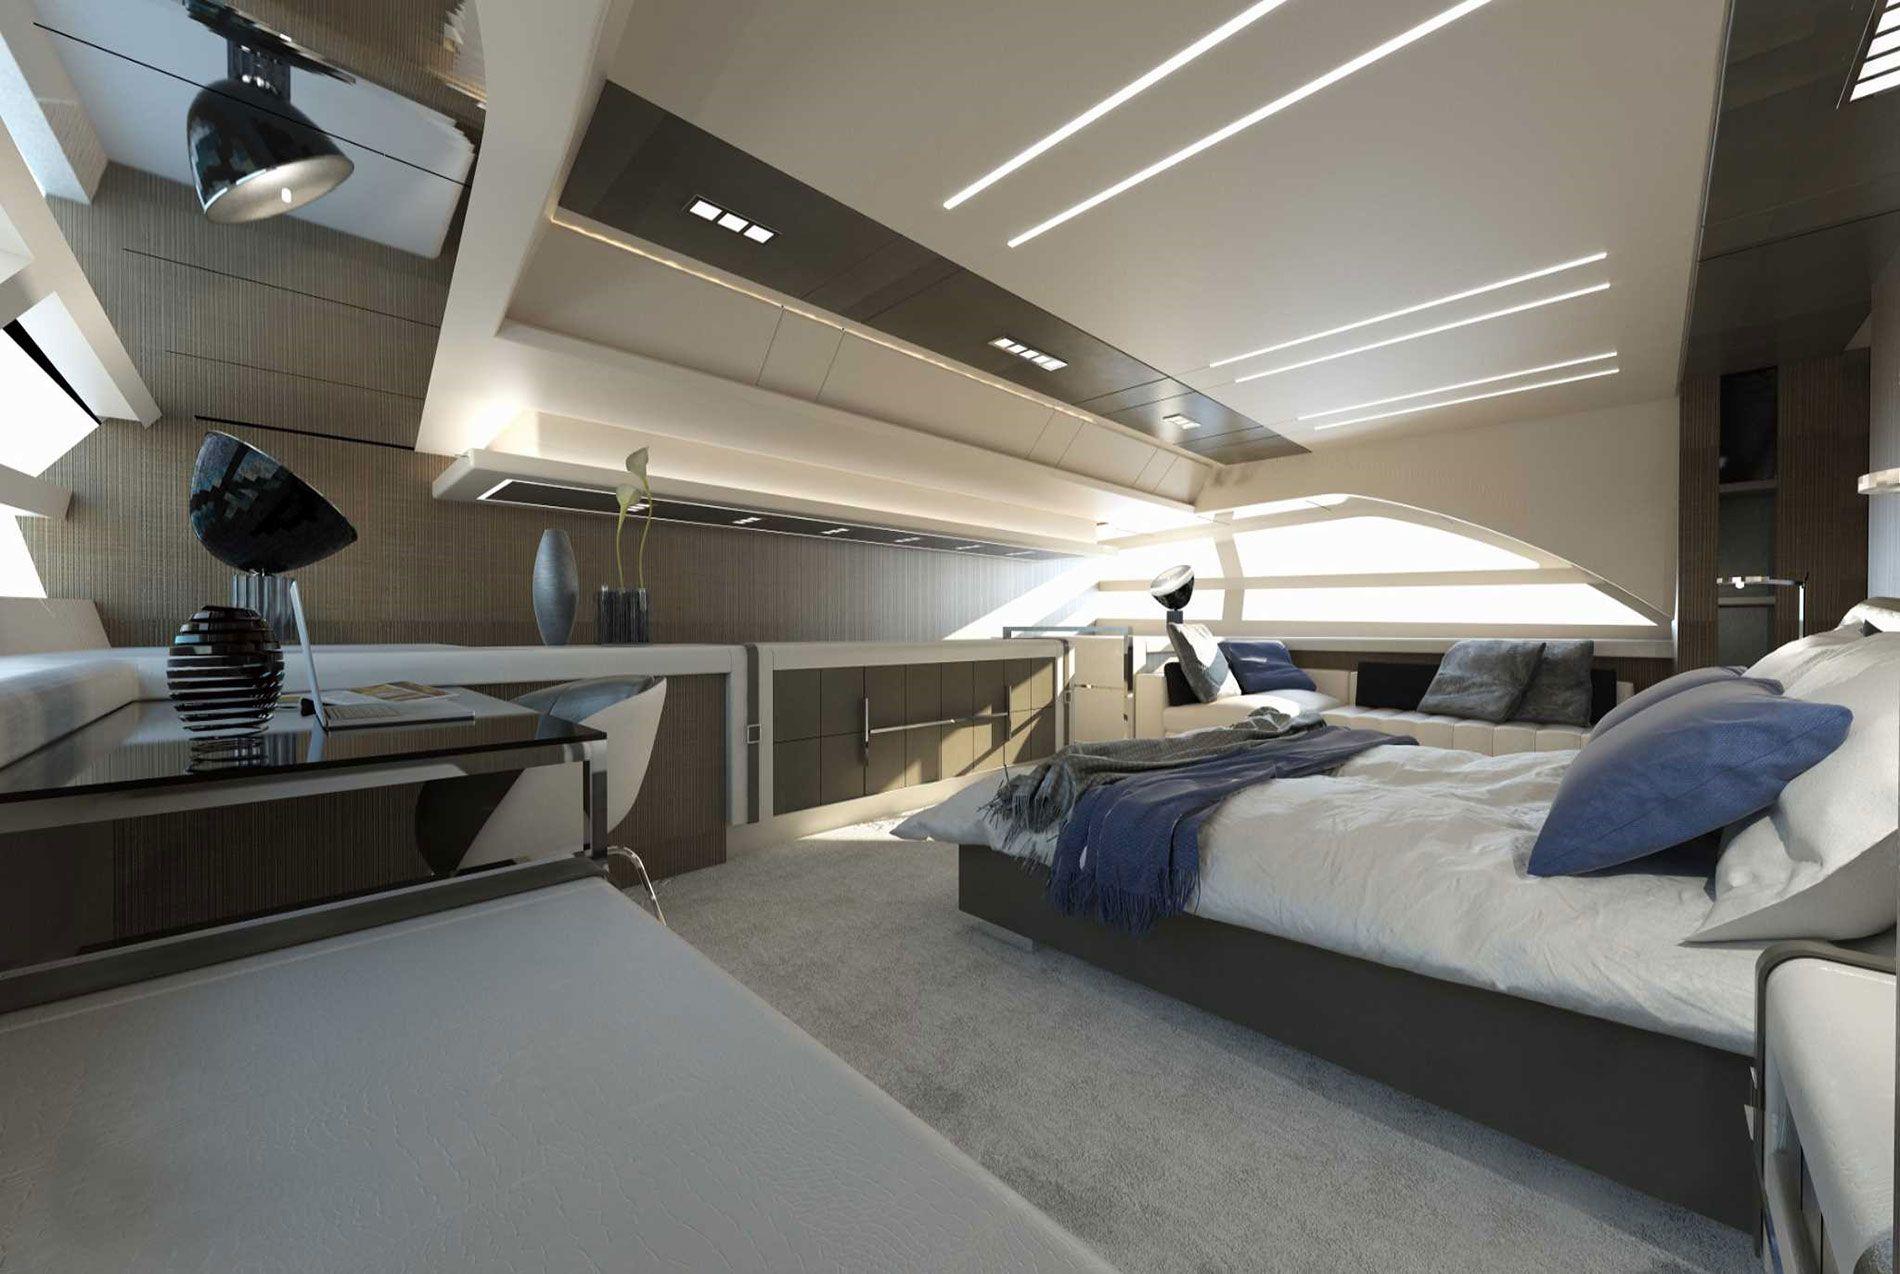 Pershing 140 KIT Pershing yachts, Bunk beds, Master Suite